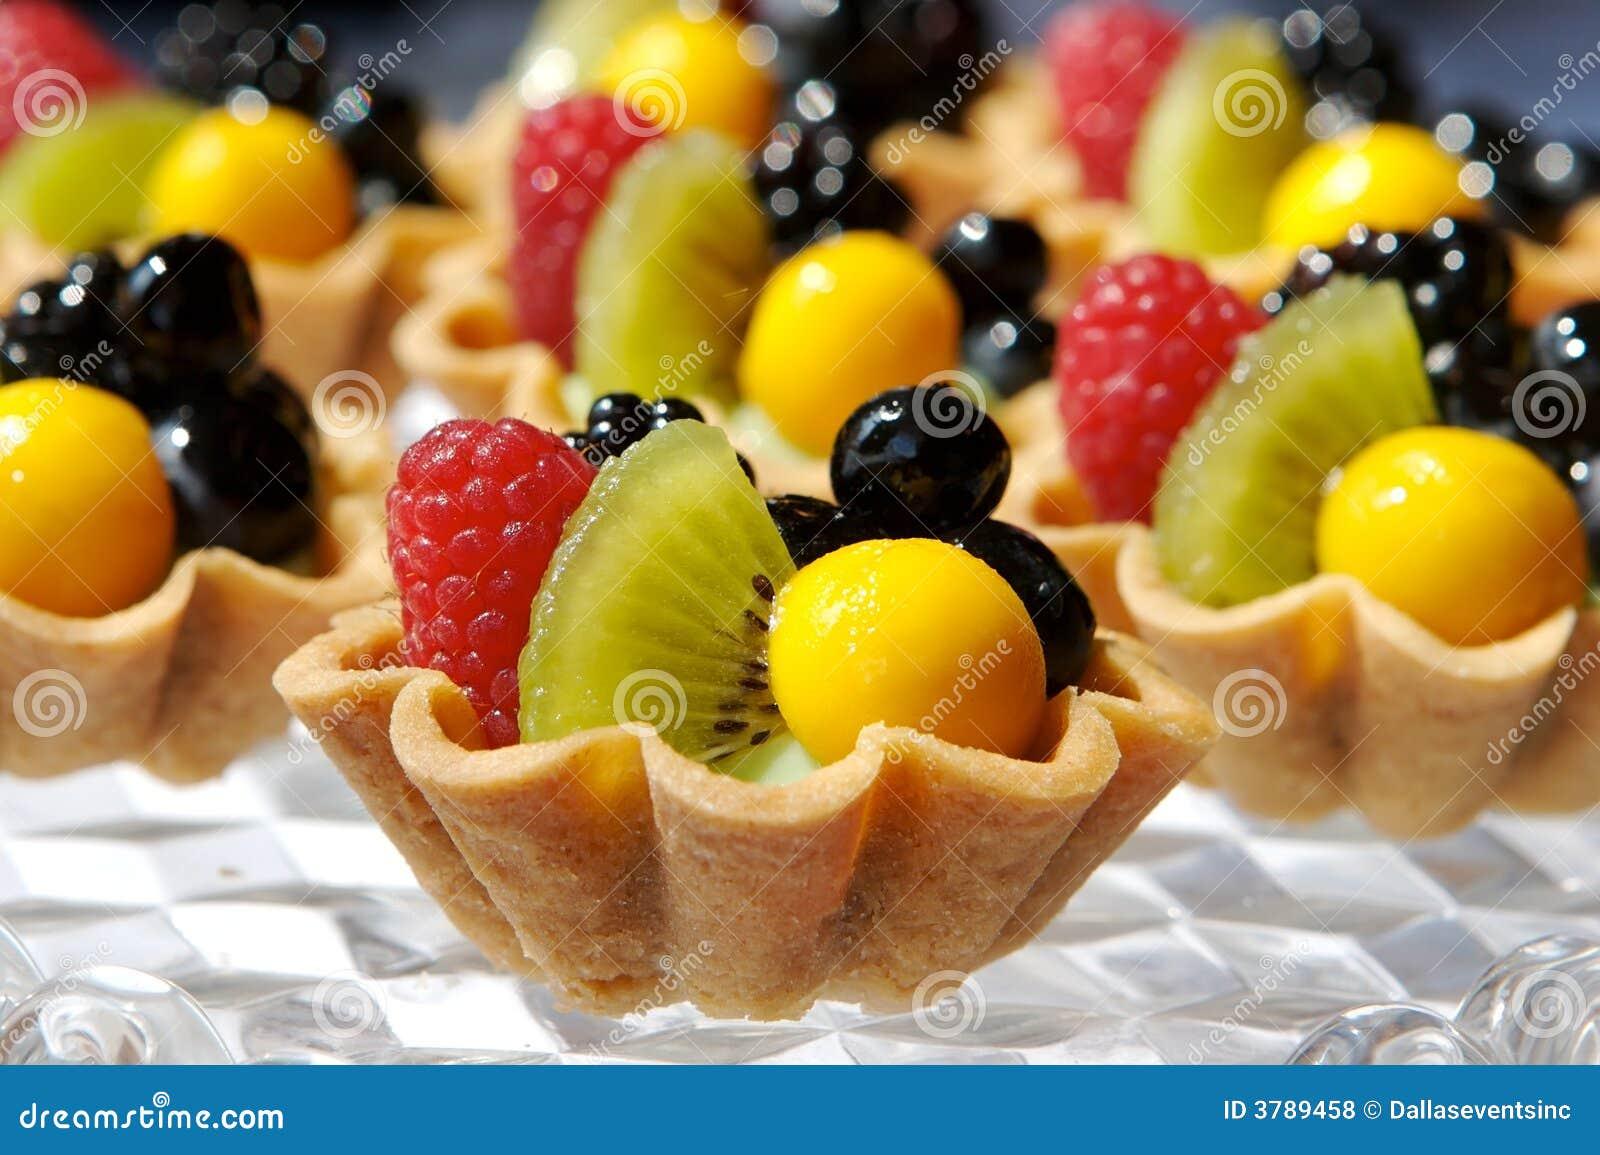 Törtchen der frischen Frucht